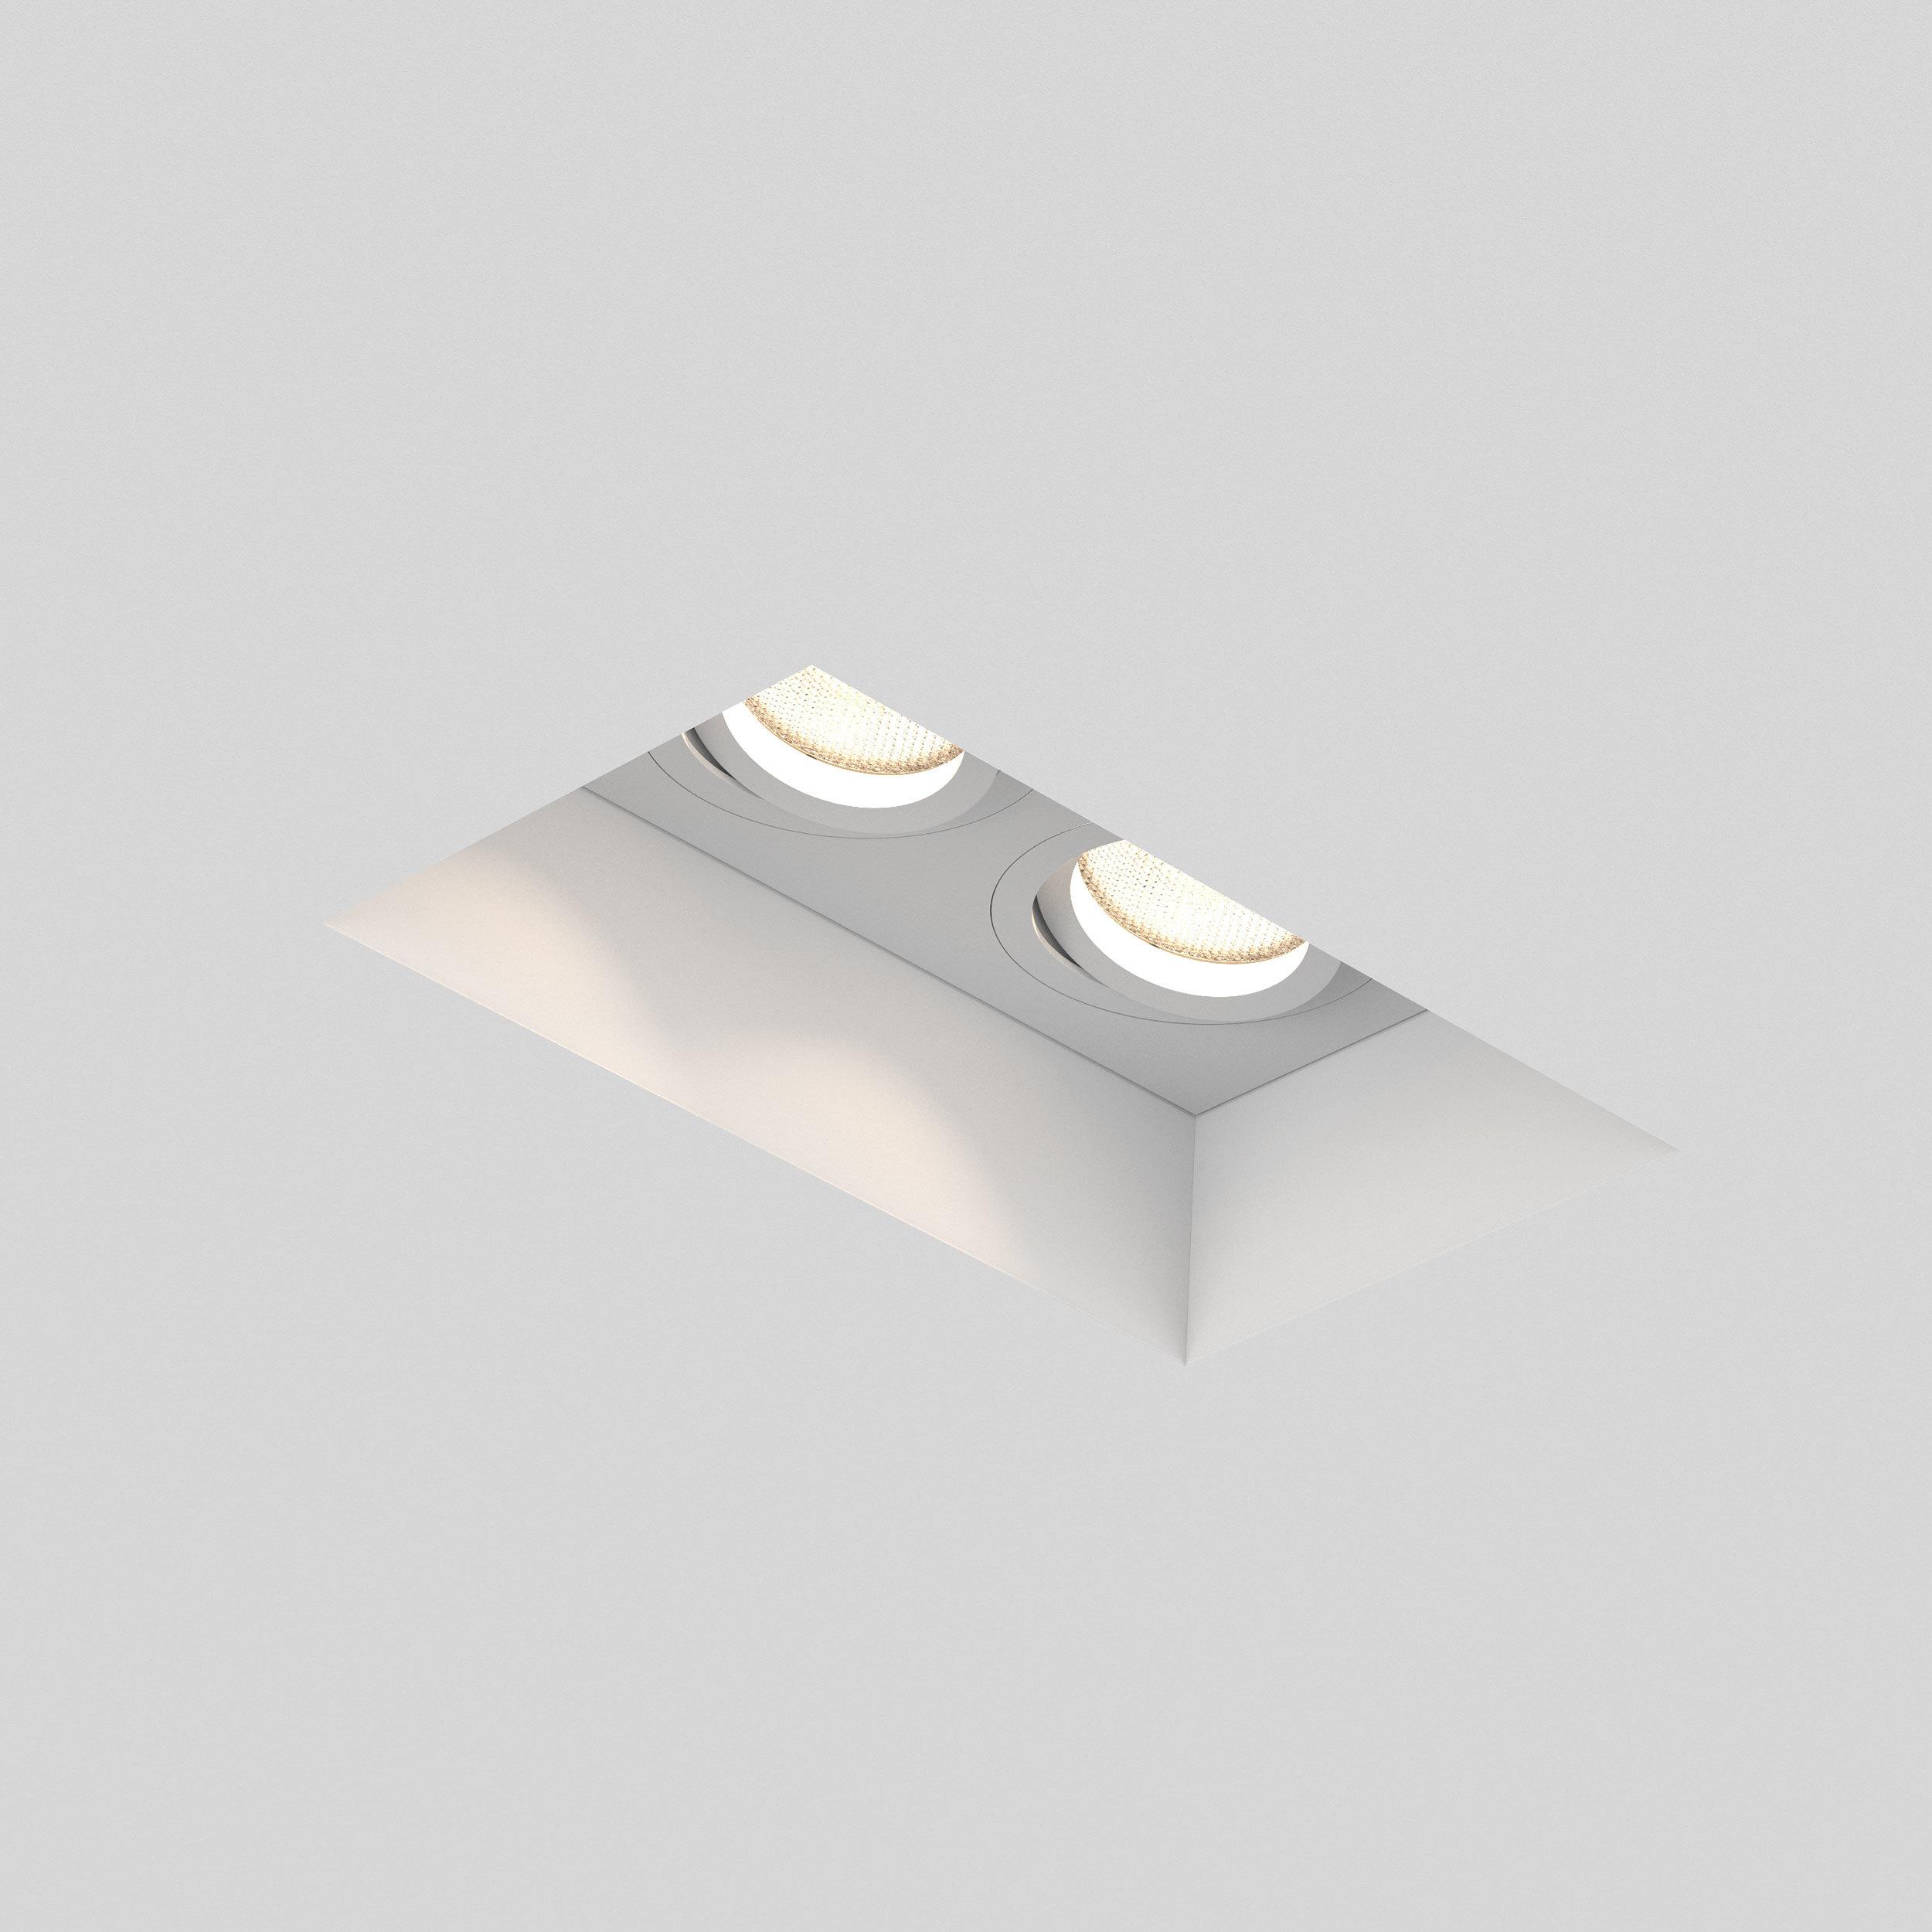 Встраиваемый светильник Astro Blanco 1253006 (7344), 2xGU10x50W, белый, под покраску, гипс, металл - фото 1